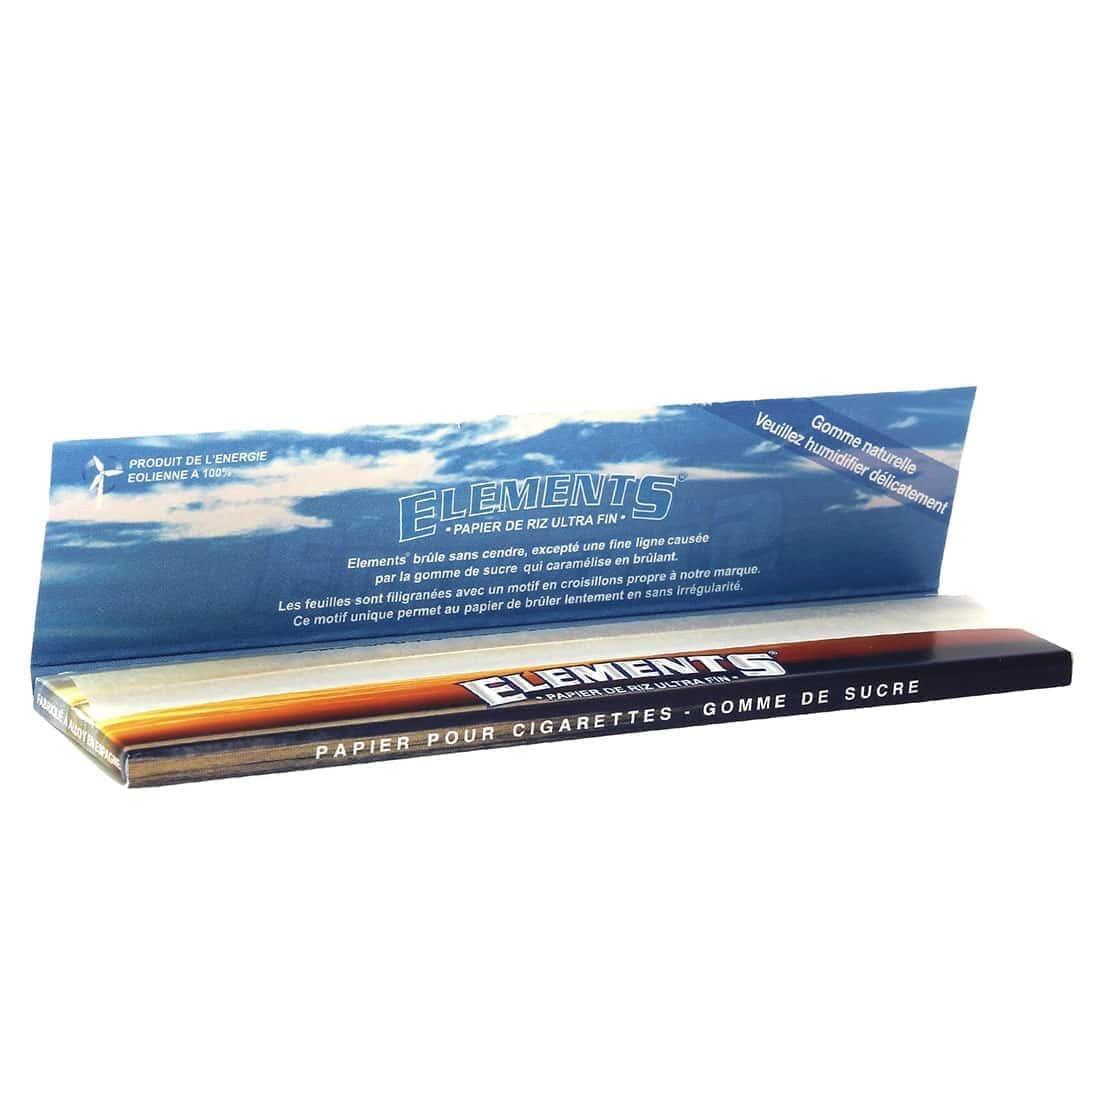 Photo #3 de Pack Elements Feuilles Slim Filtres Carton